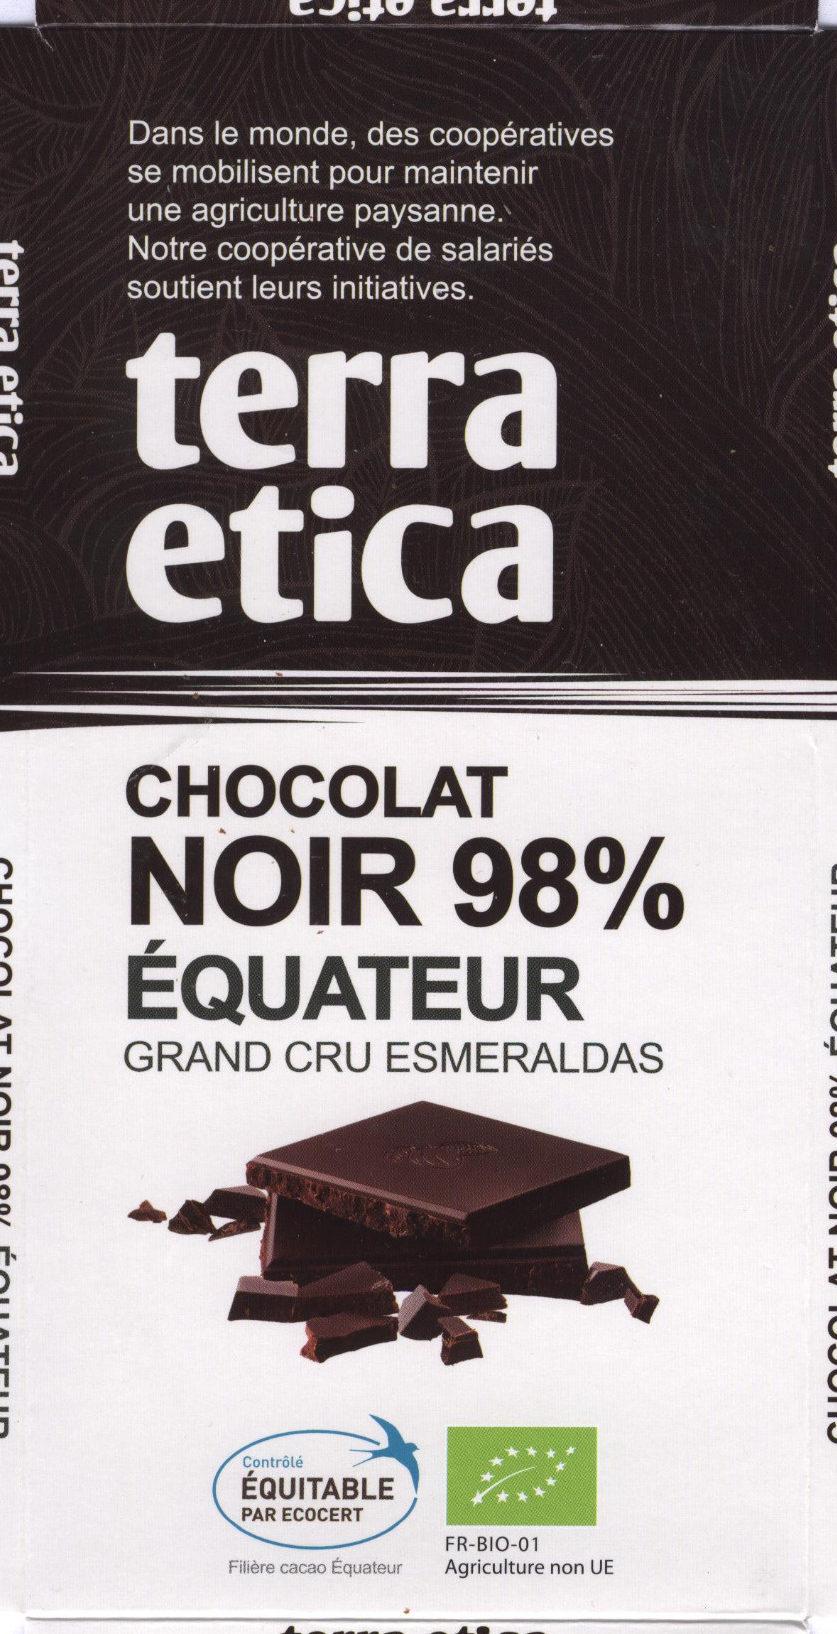 Chocolat Noir 98% Équateur - Product